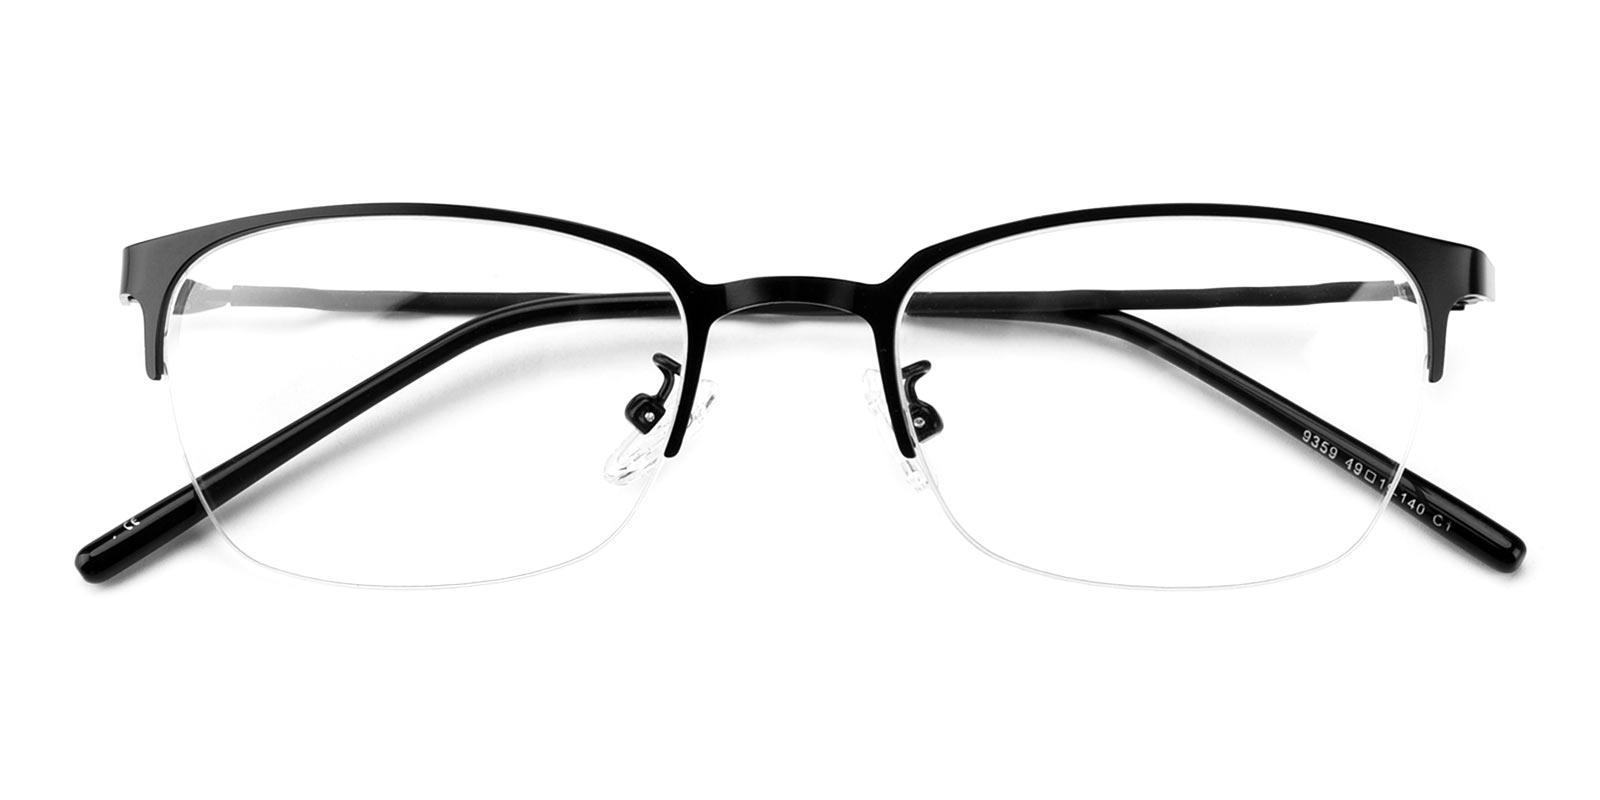 Lassiter Black Metal Eyeglasses , NosePads Frames from ABBE Glasses